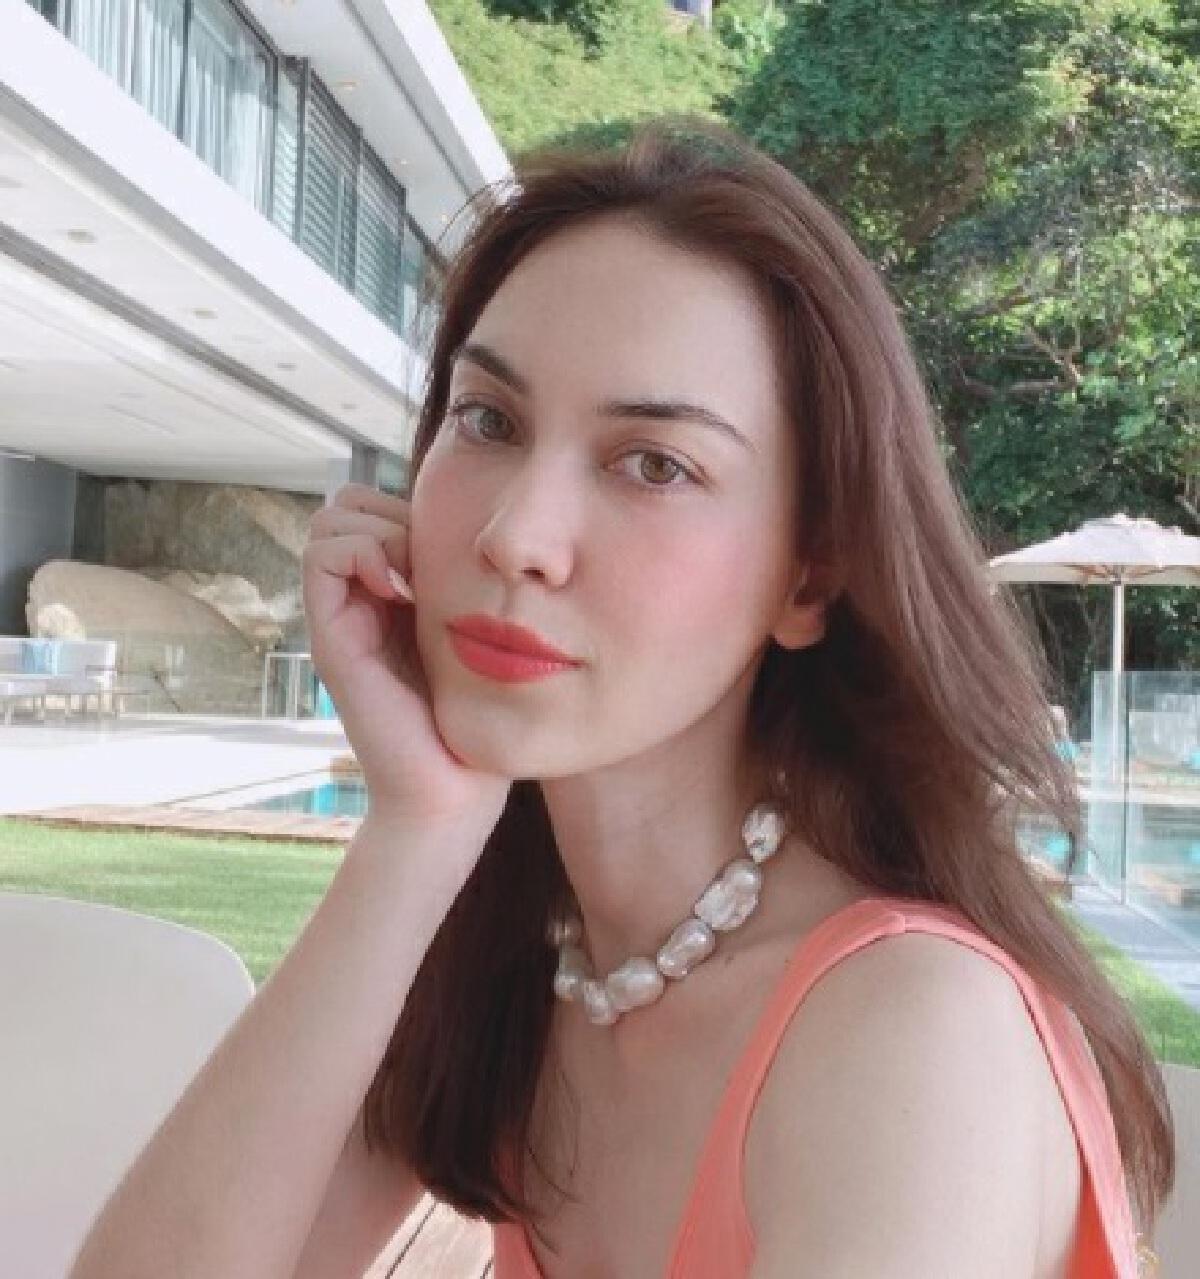 แมท ภีรนีย์ งานเข้า! ปมชาวเน็ตจับผิดแชทคุย แพท เคยคิดอันฟอลพี่ผู้หญิง?